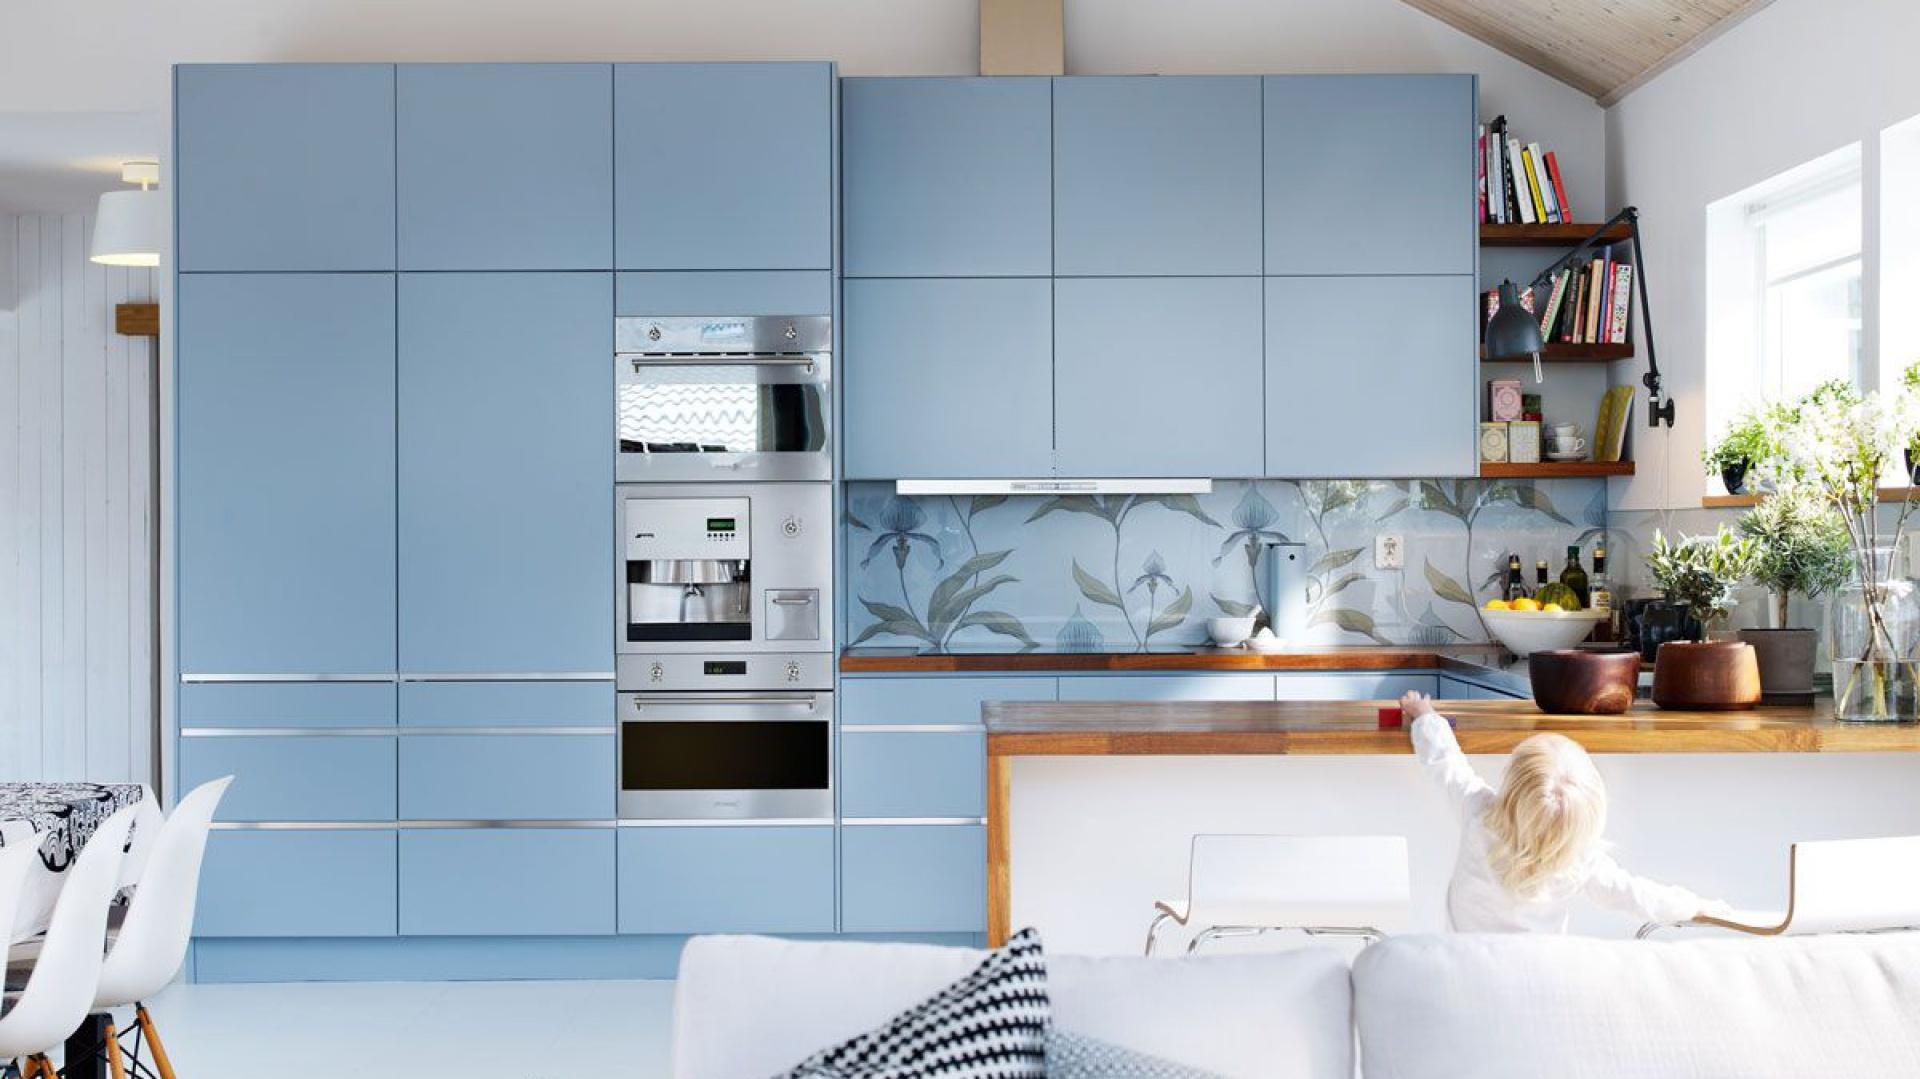 Retro Kitchen Cabinets Piękne Błękitne Meble Z Aranżacja Kuchni Postaw Na